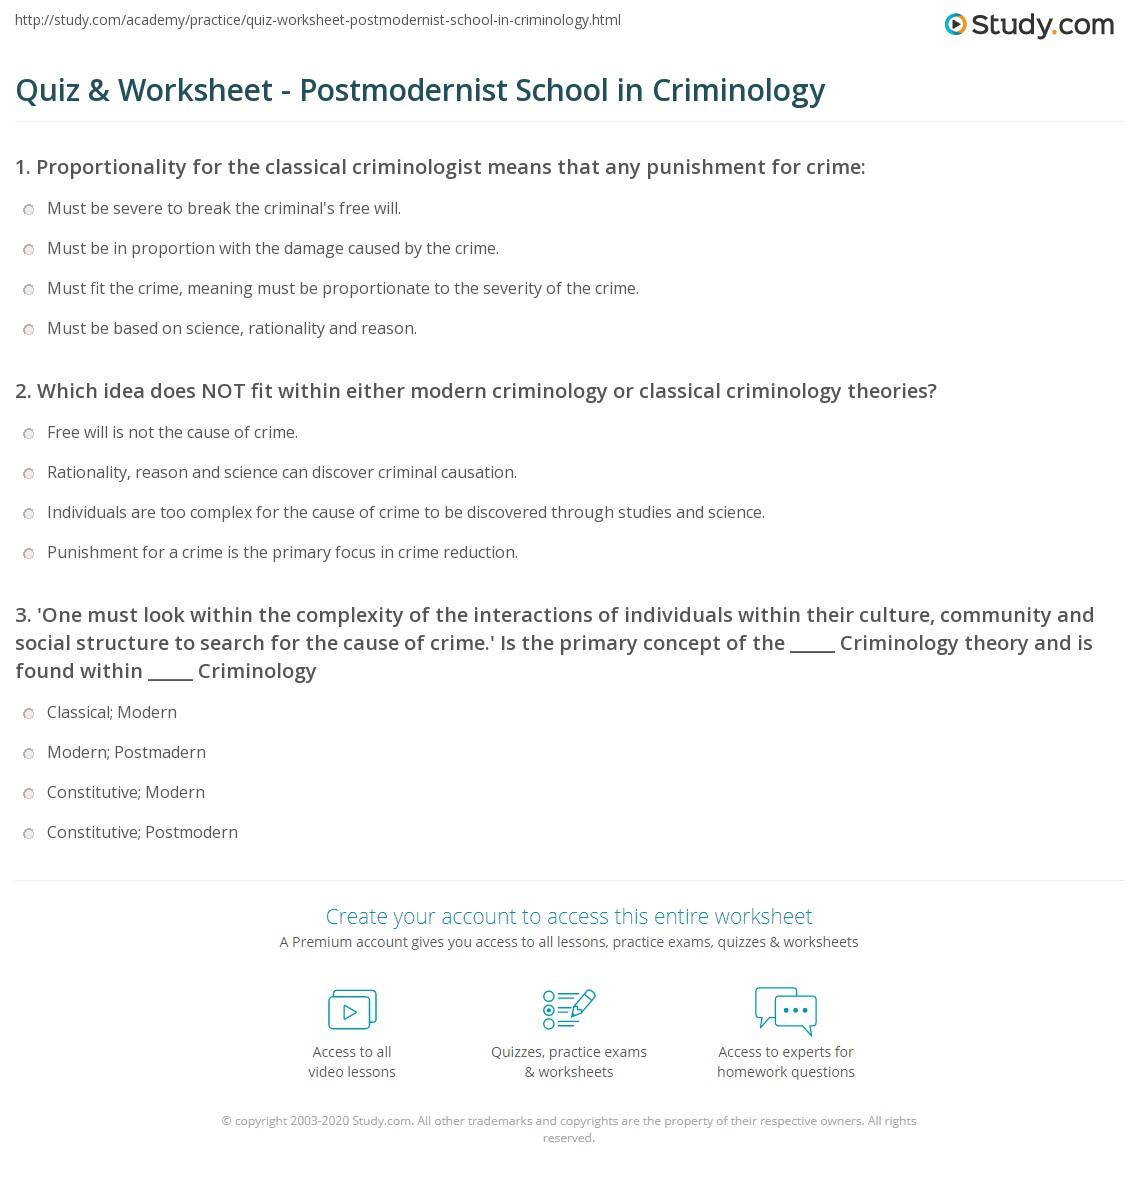 Understanding Criminology Theories - Criminology